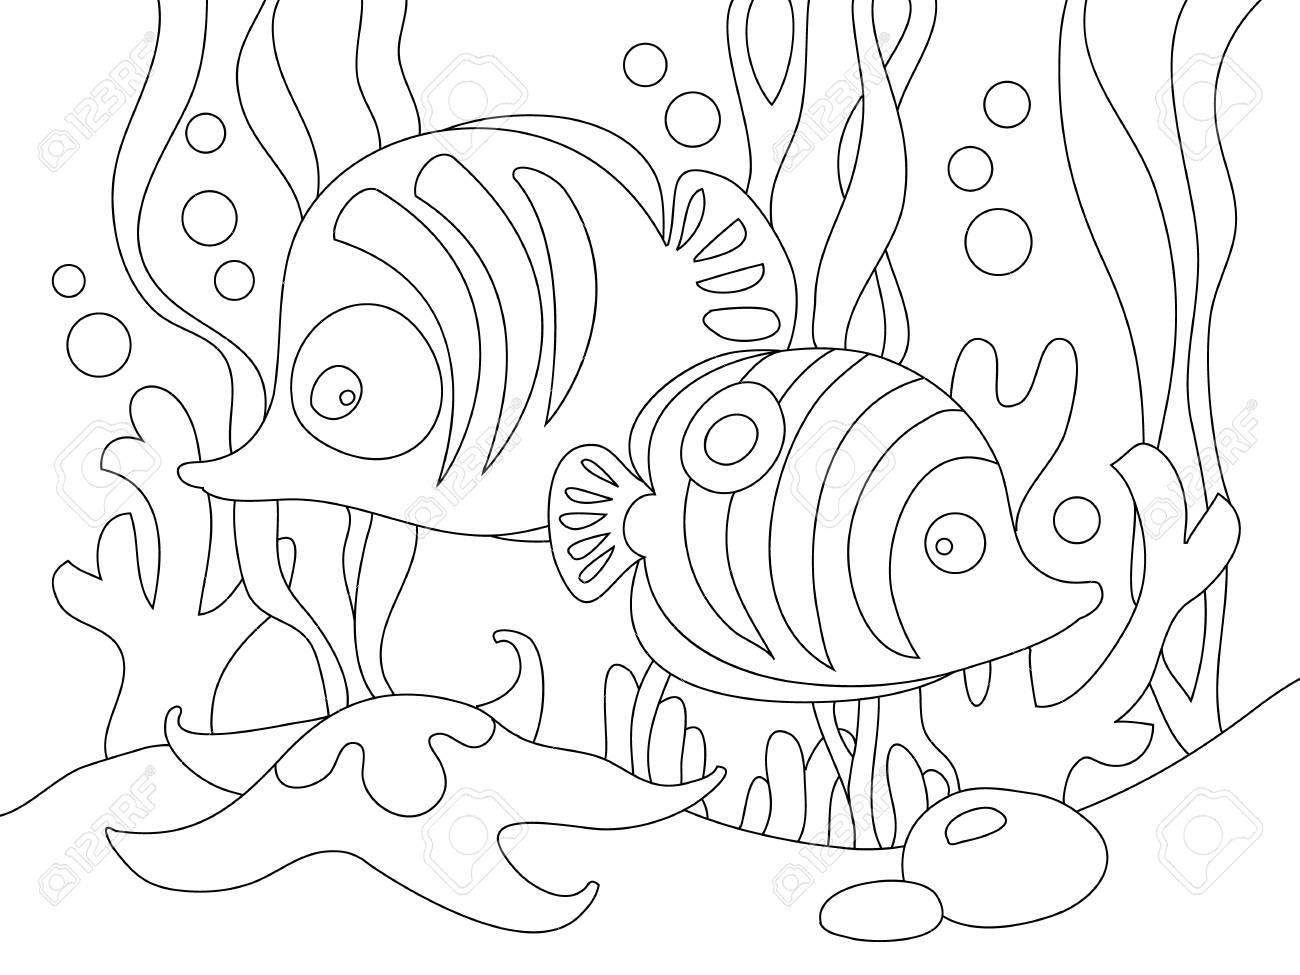 Dos Peces De Dibujos Animados Lindo Bajo El Mar Puede Ser Utilizado Para Colorear Libro Ilustración Vectorial